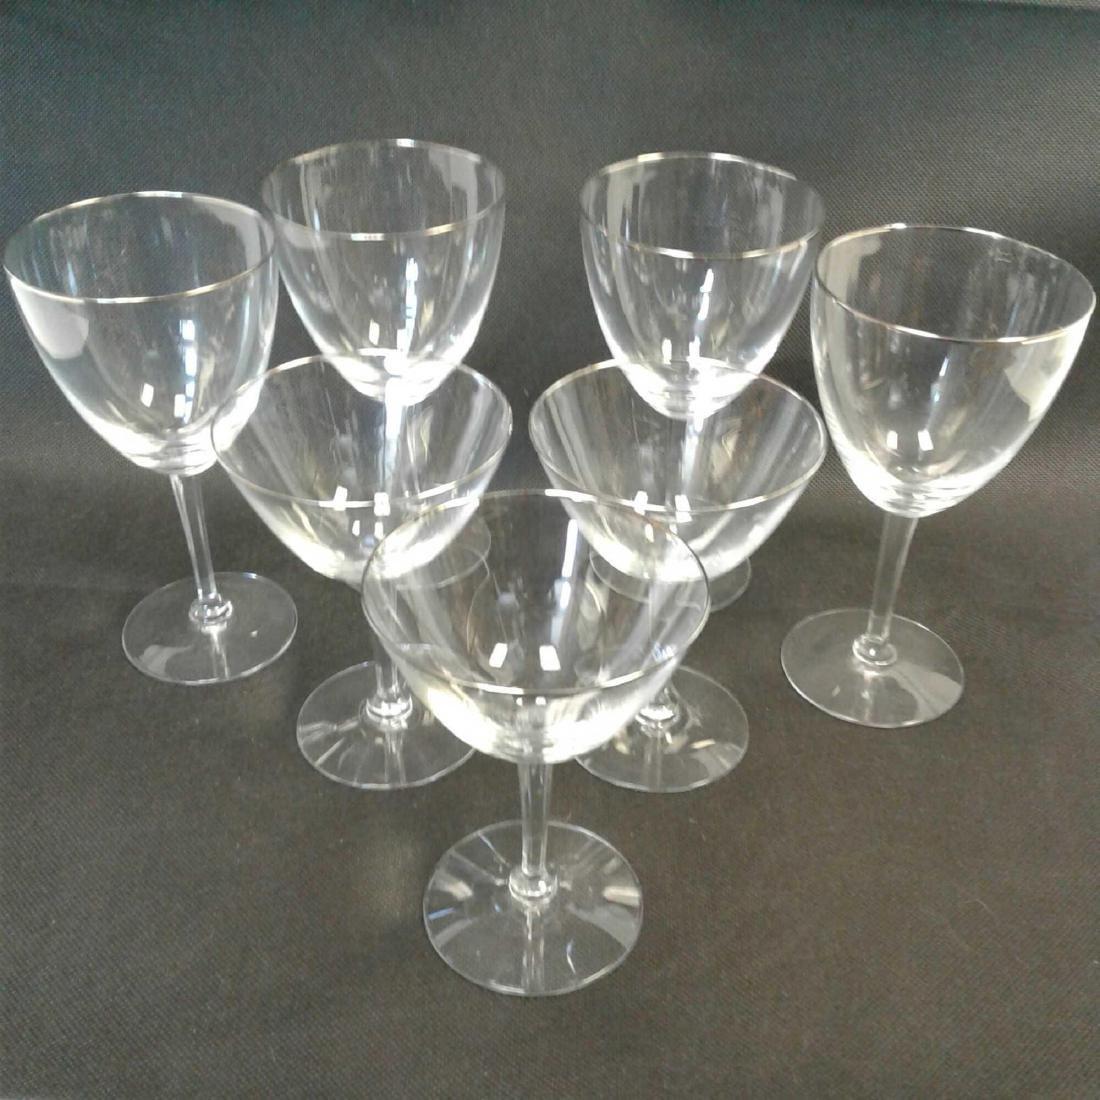 7 Fluted Wine Glasses, Platinum Rimmed